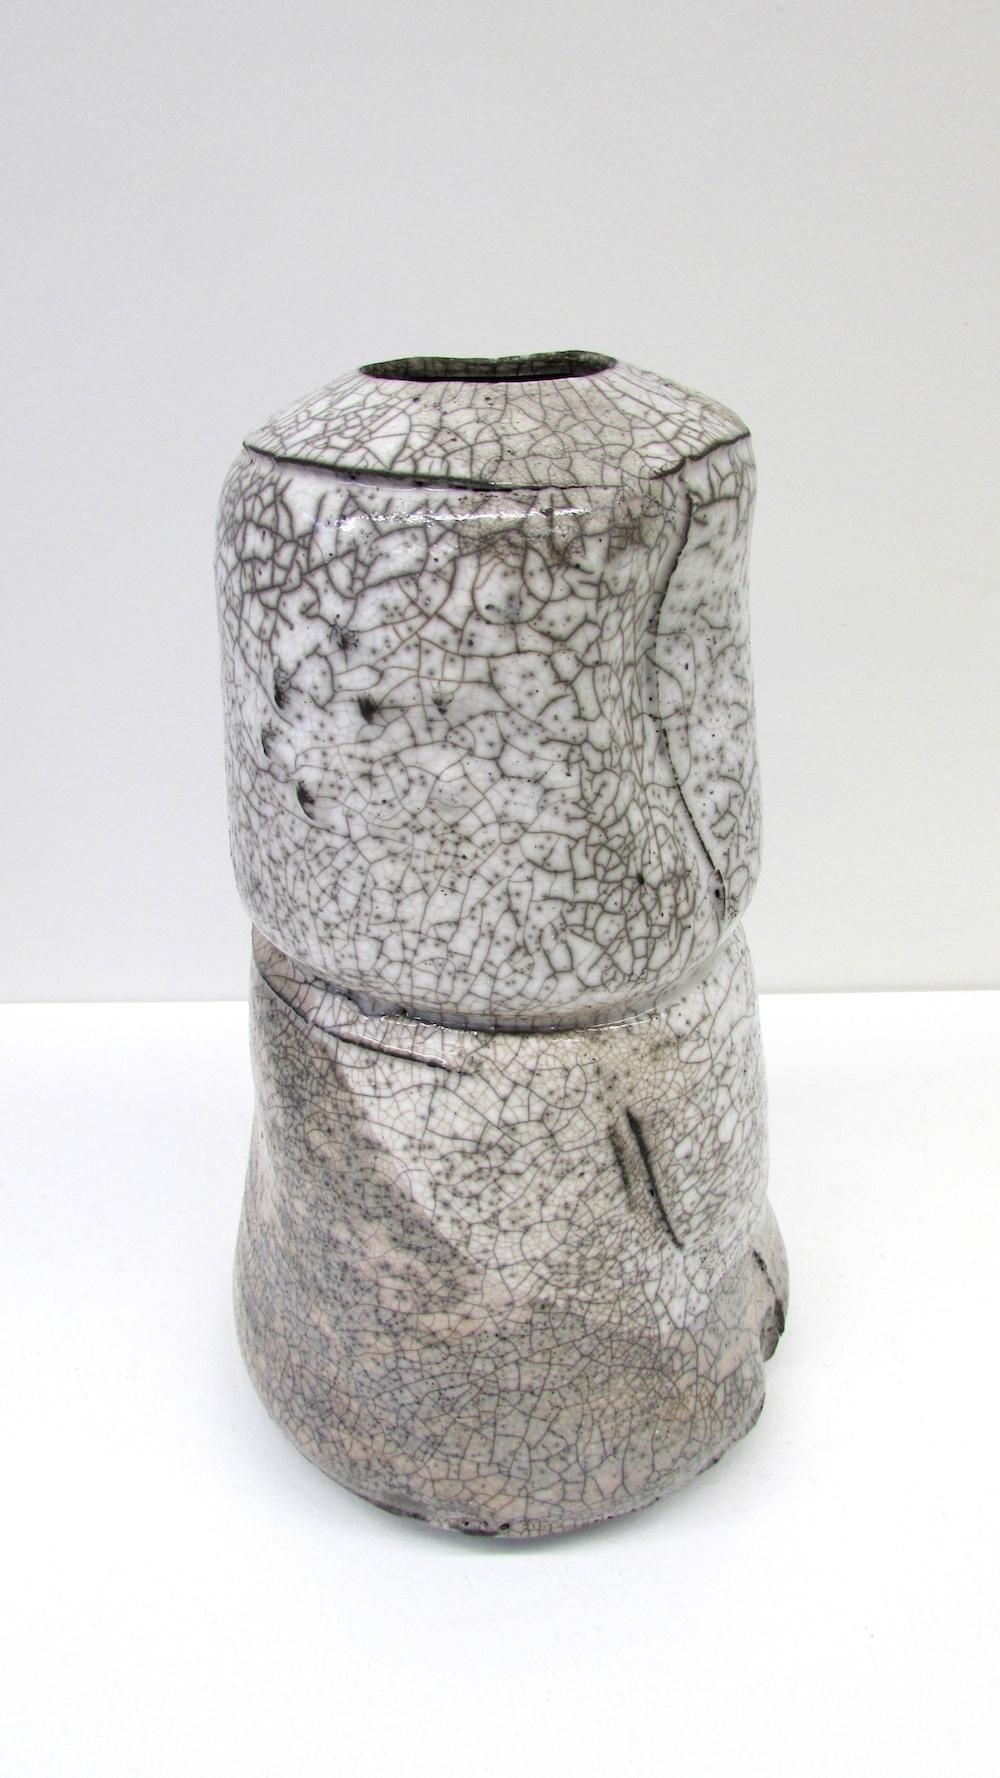 Peter Fulop, Haiku IV, raku ceramic, 30 x 13, EUR240